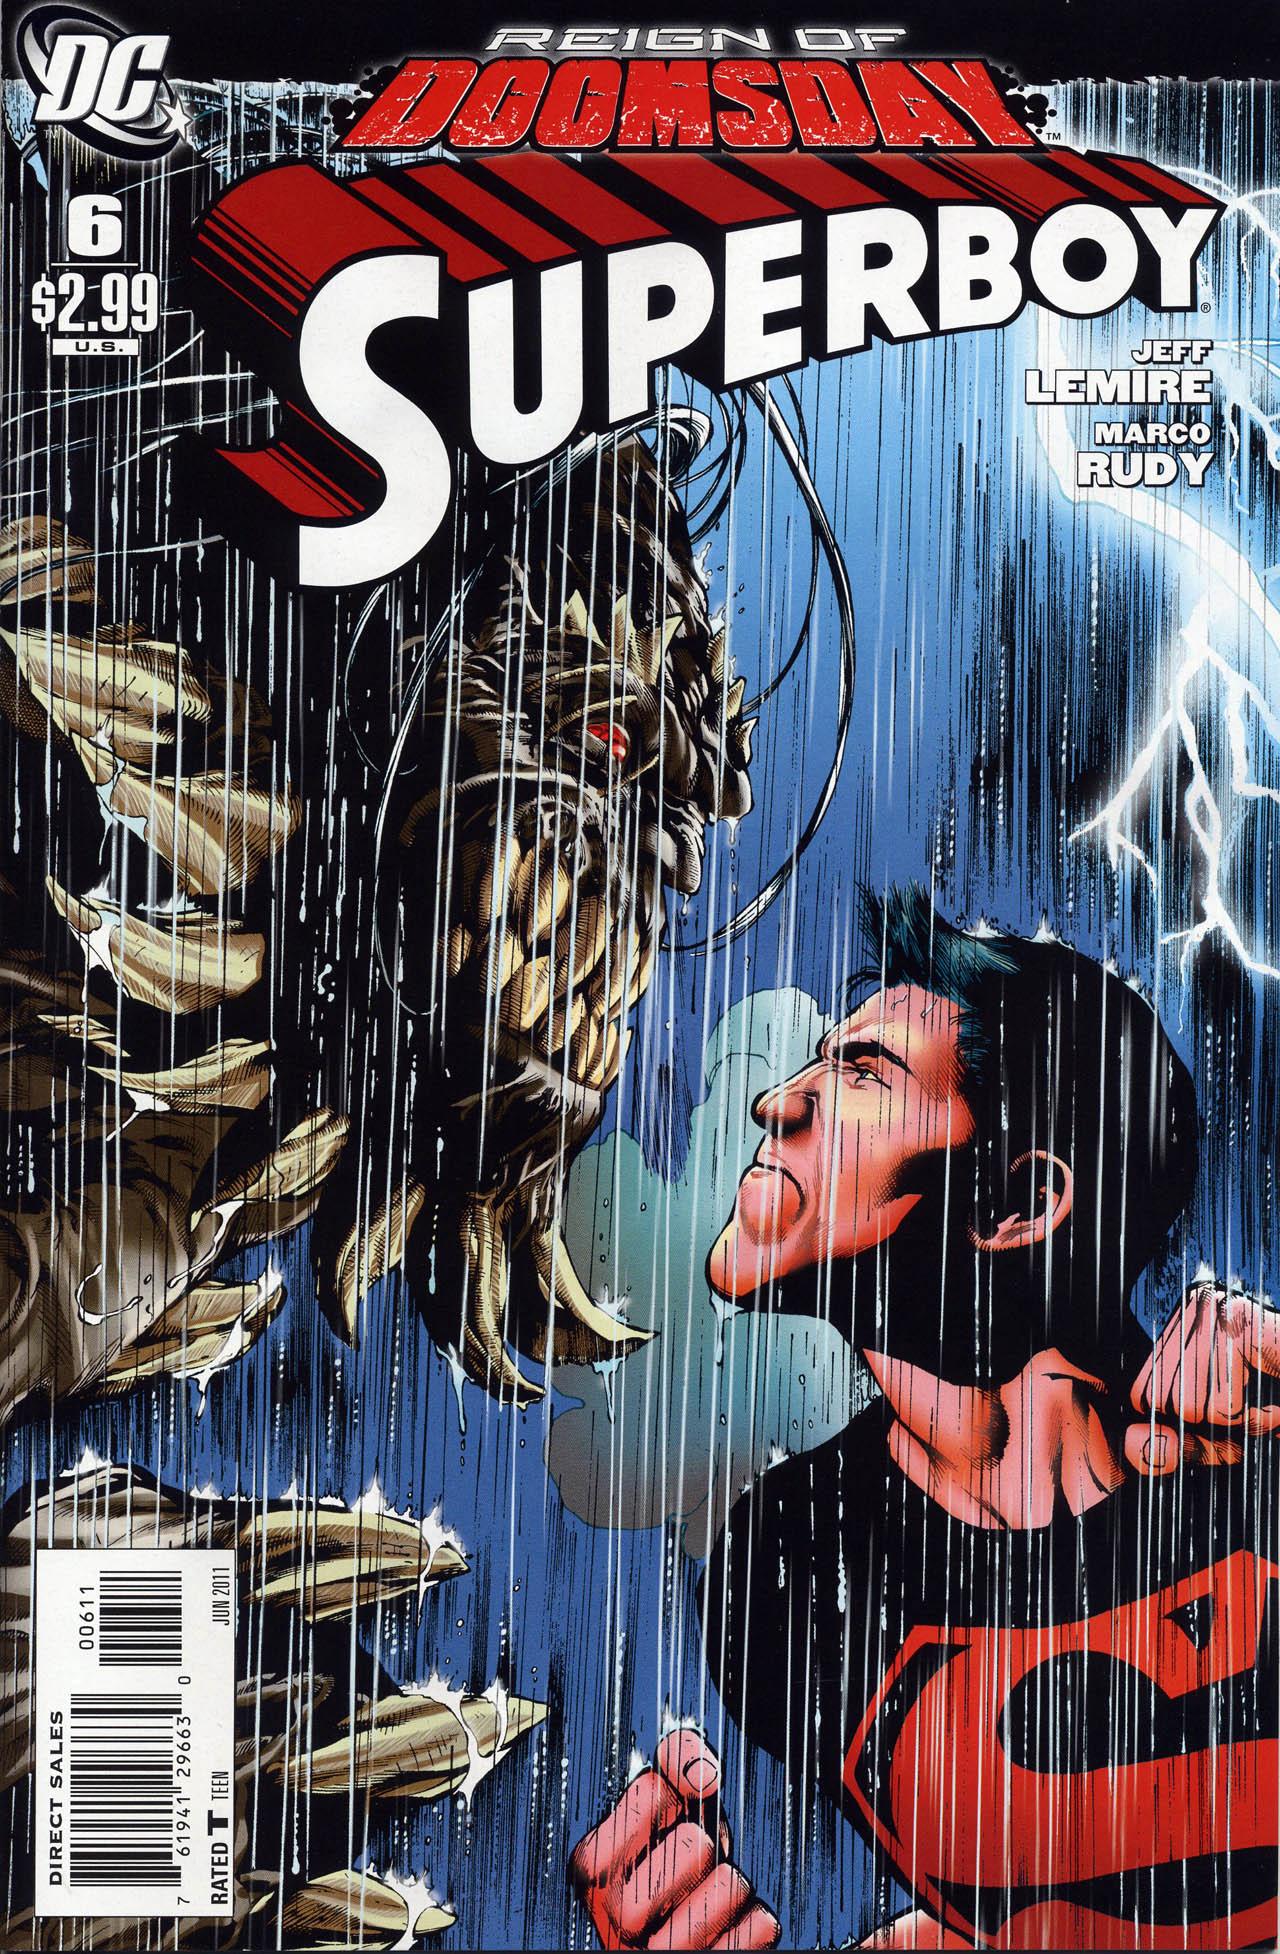 Superboy [I] Issue #6 #6 - English 1